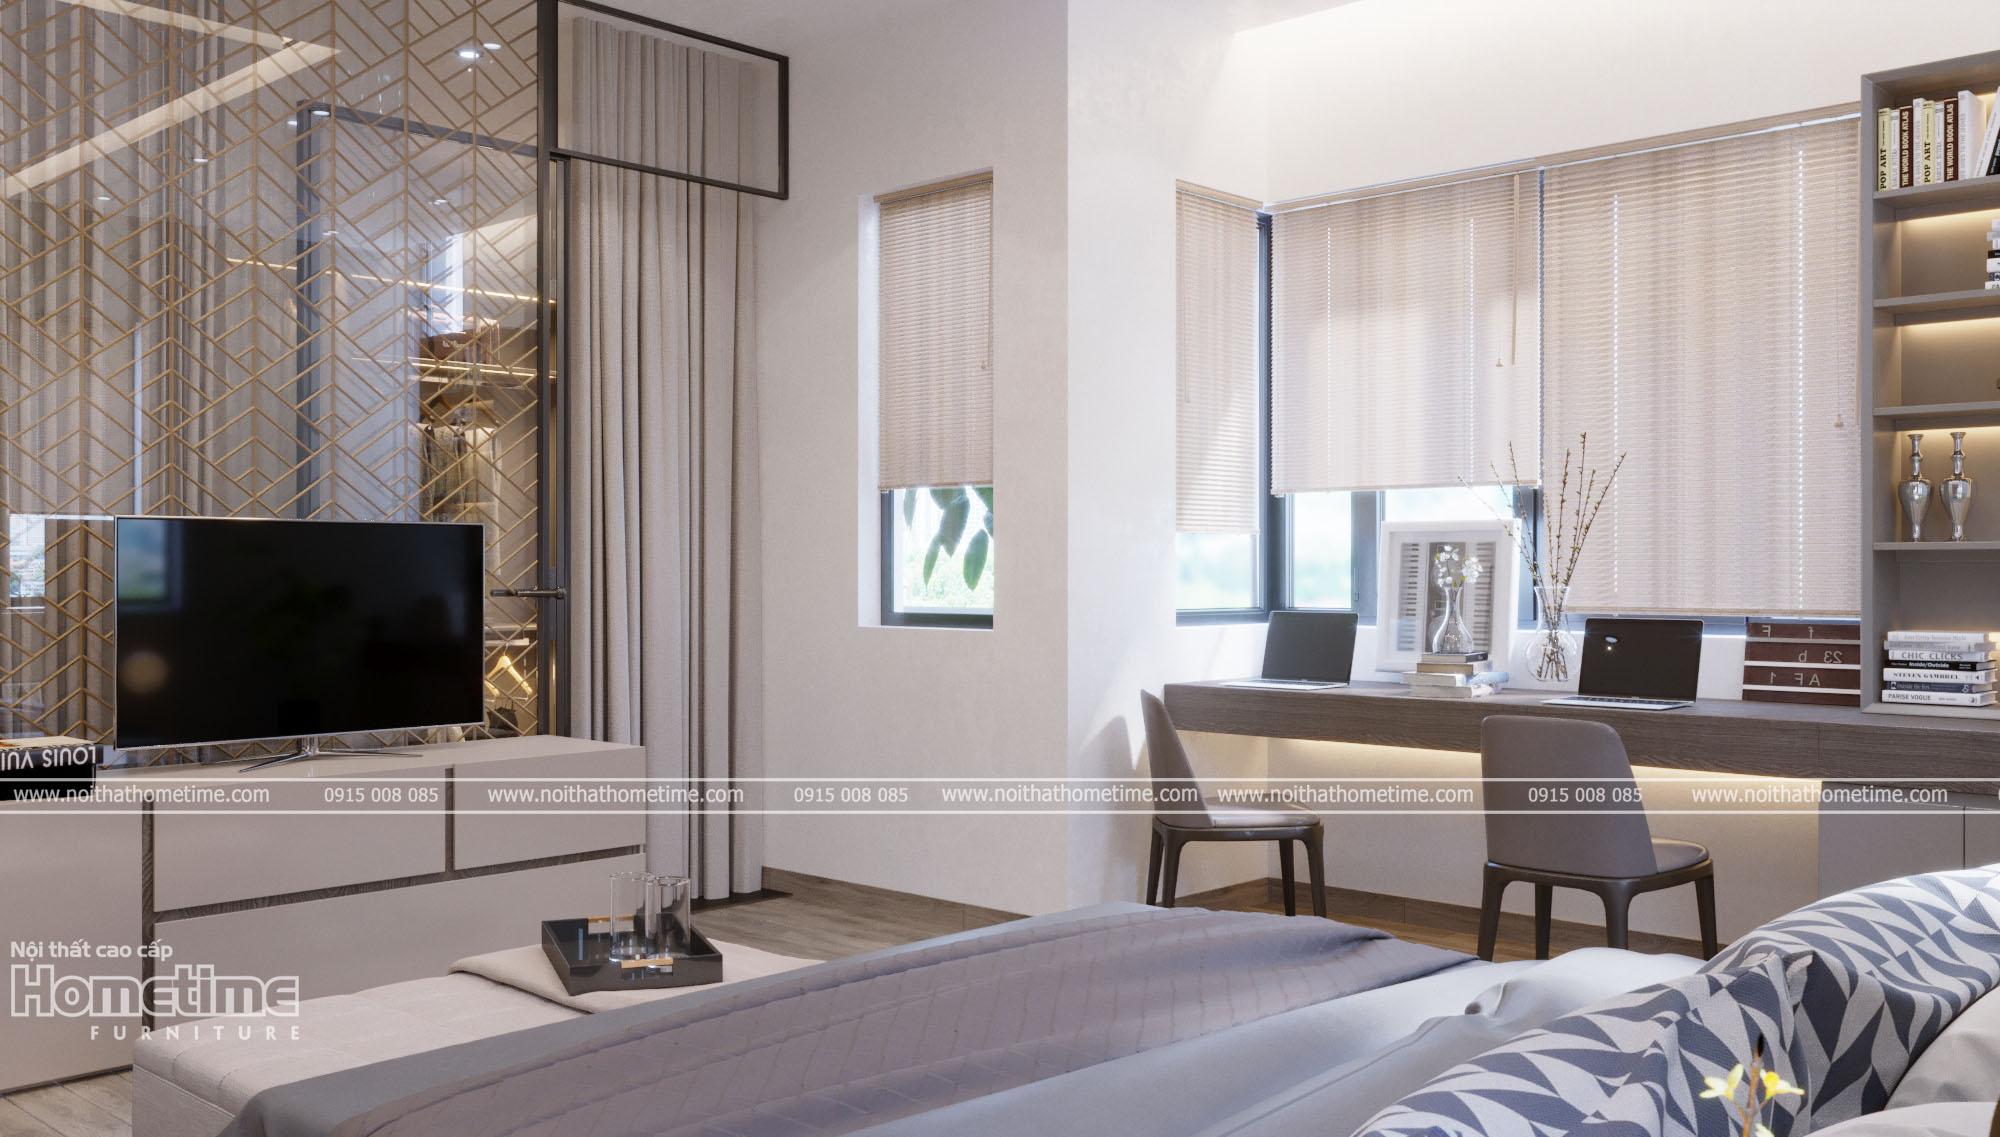 Thiết kế nội thất phòng ngủ - Bàn học, kệ tivi phòng ngủ